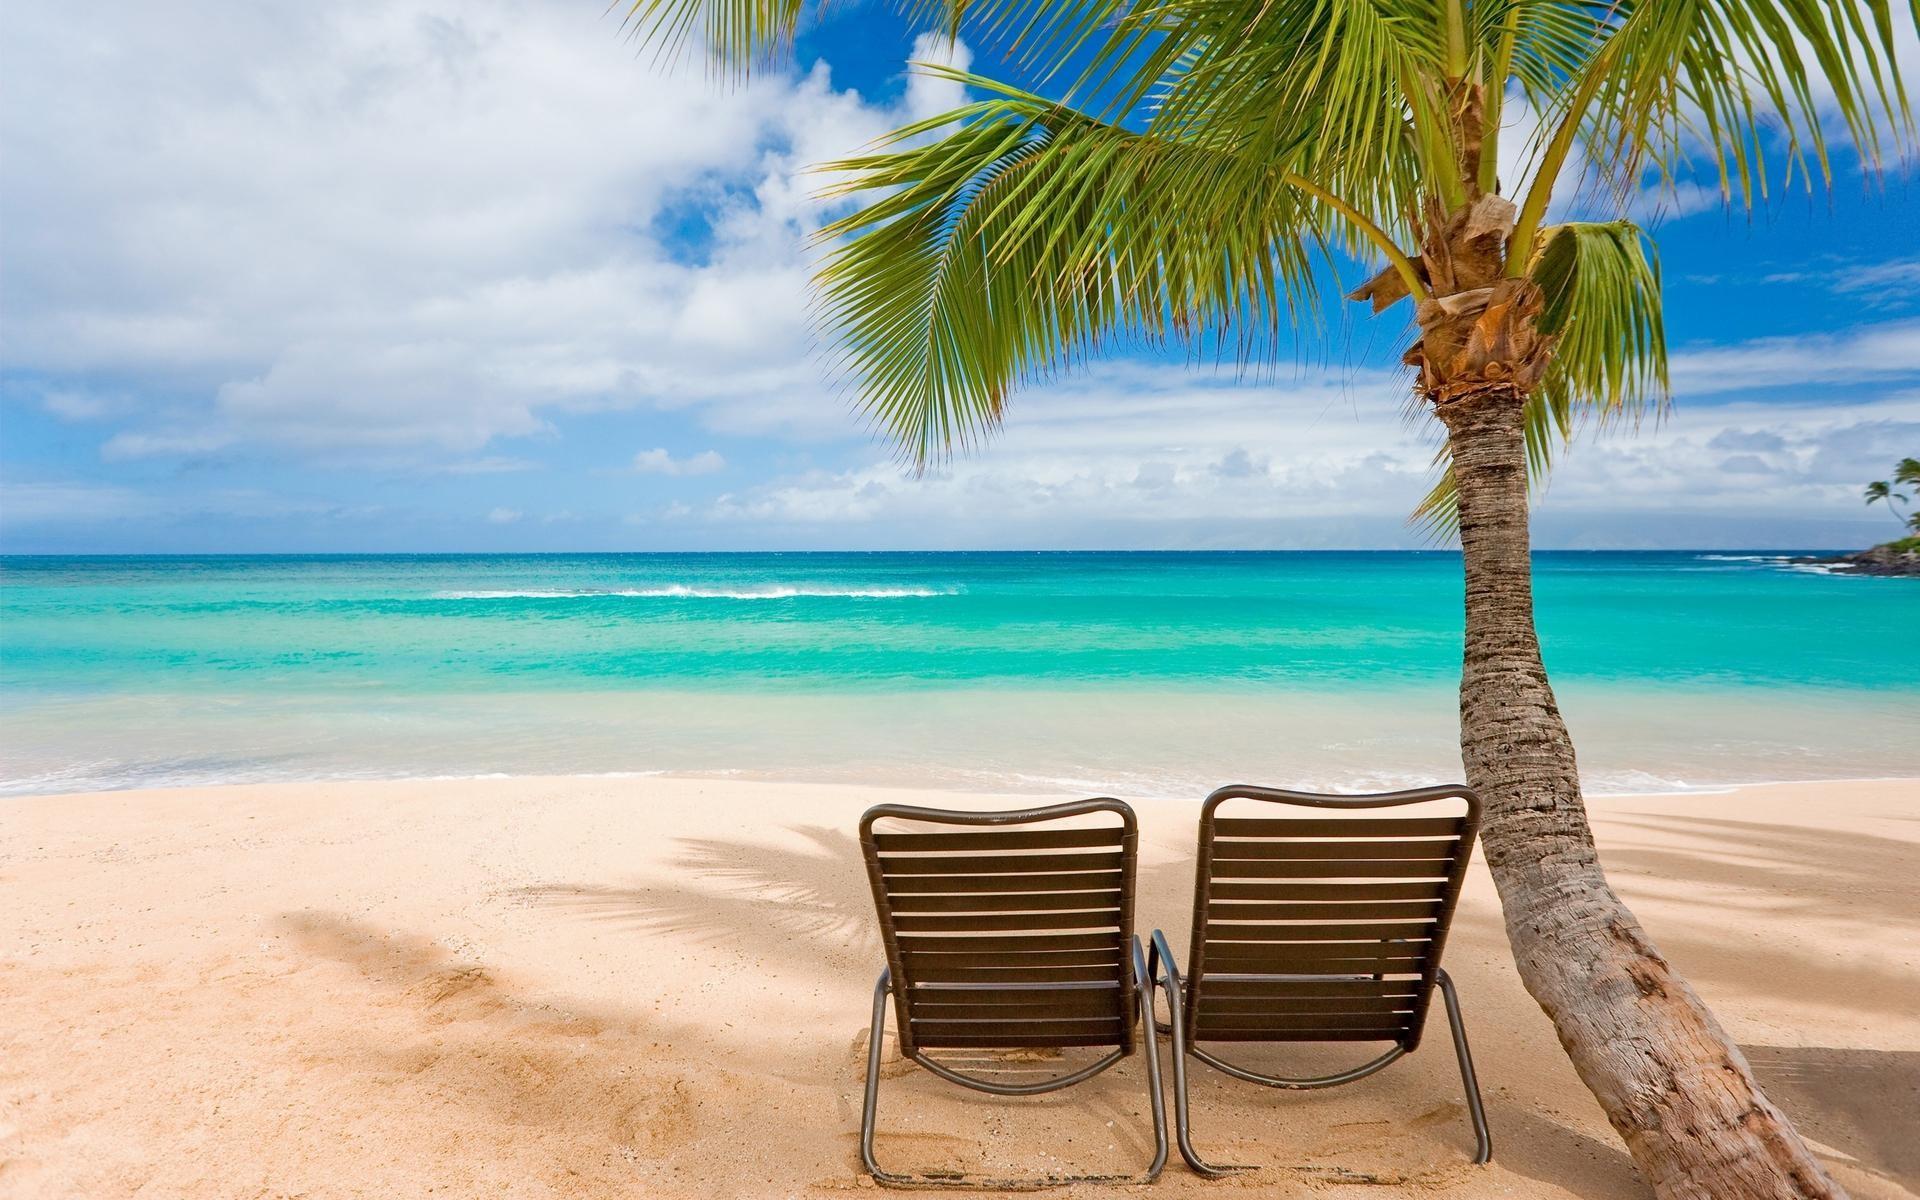 Hawaii-Beaches-Wallpaper-For-Desktop